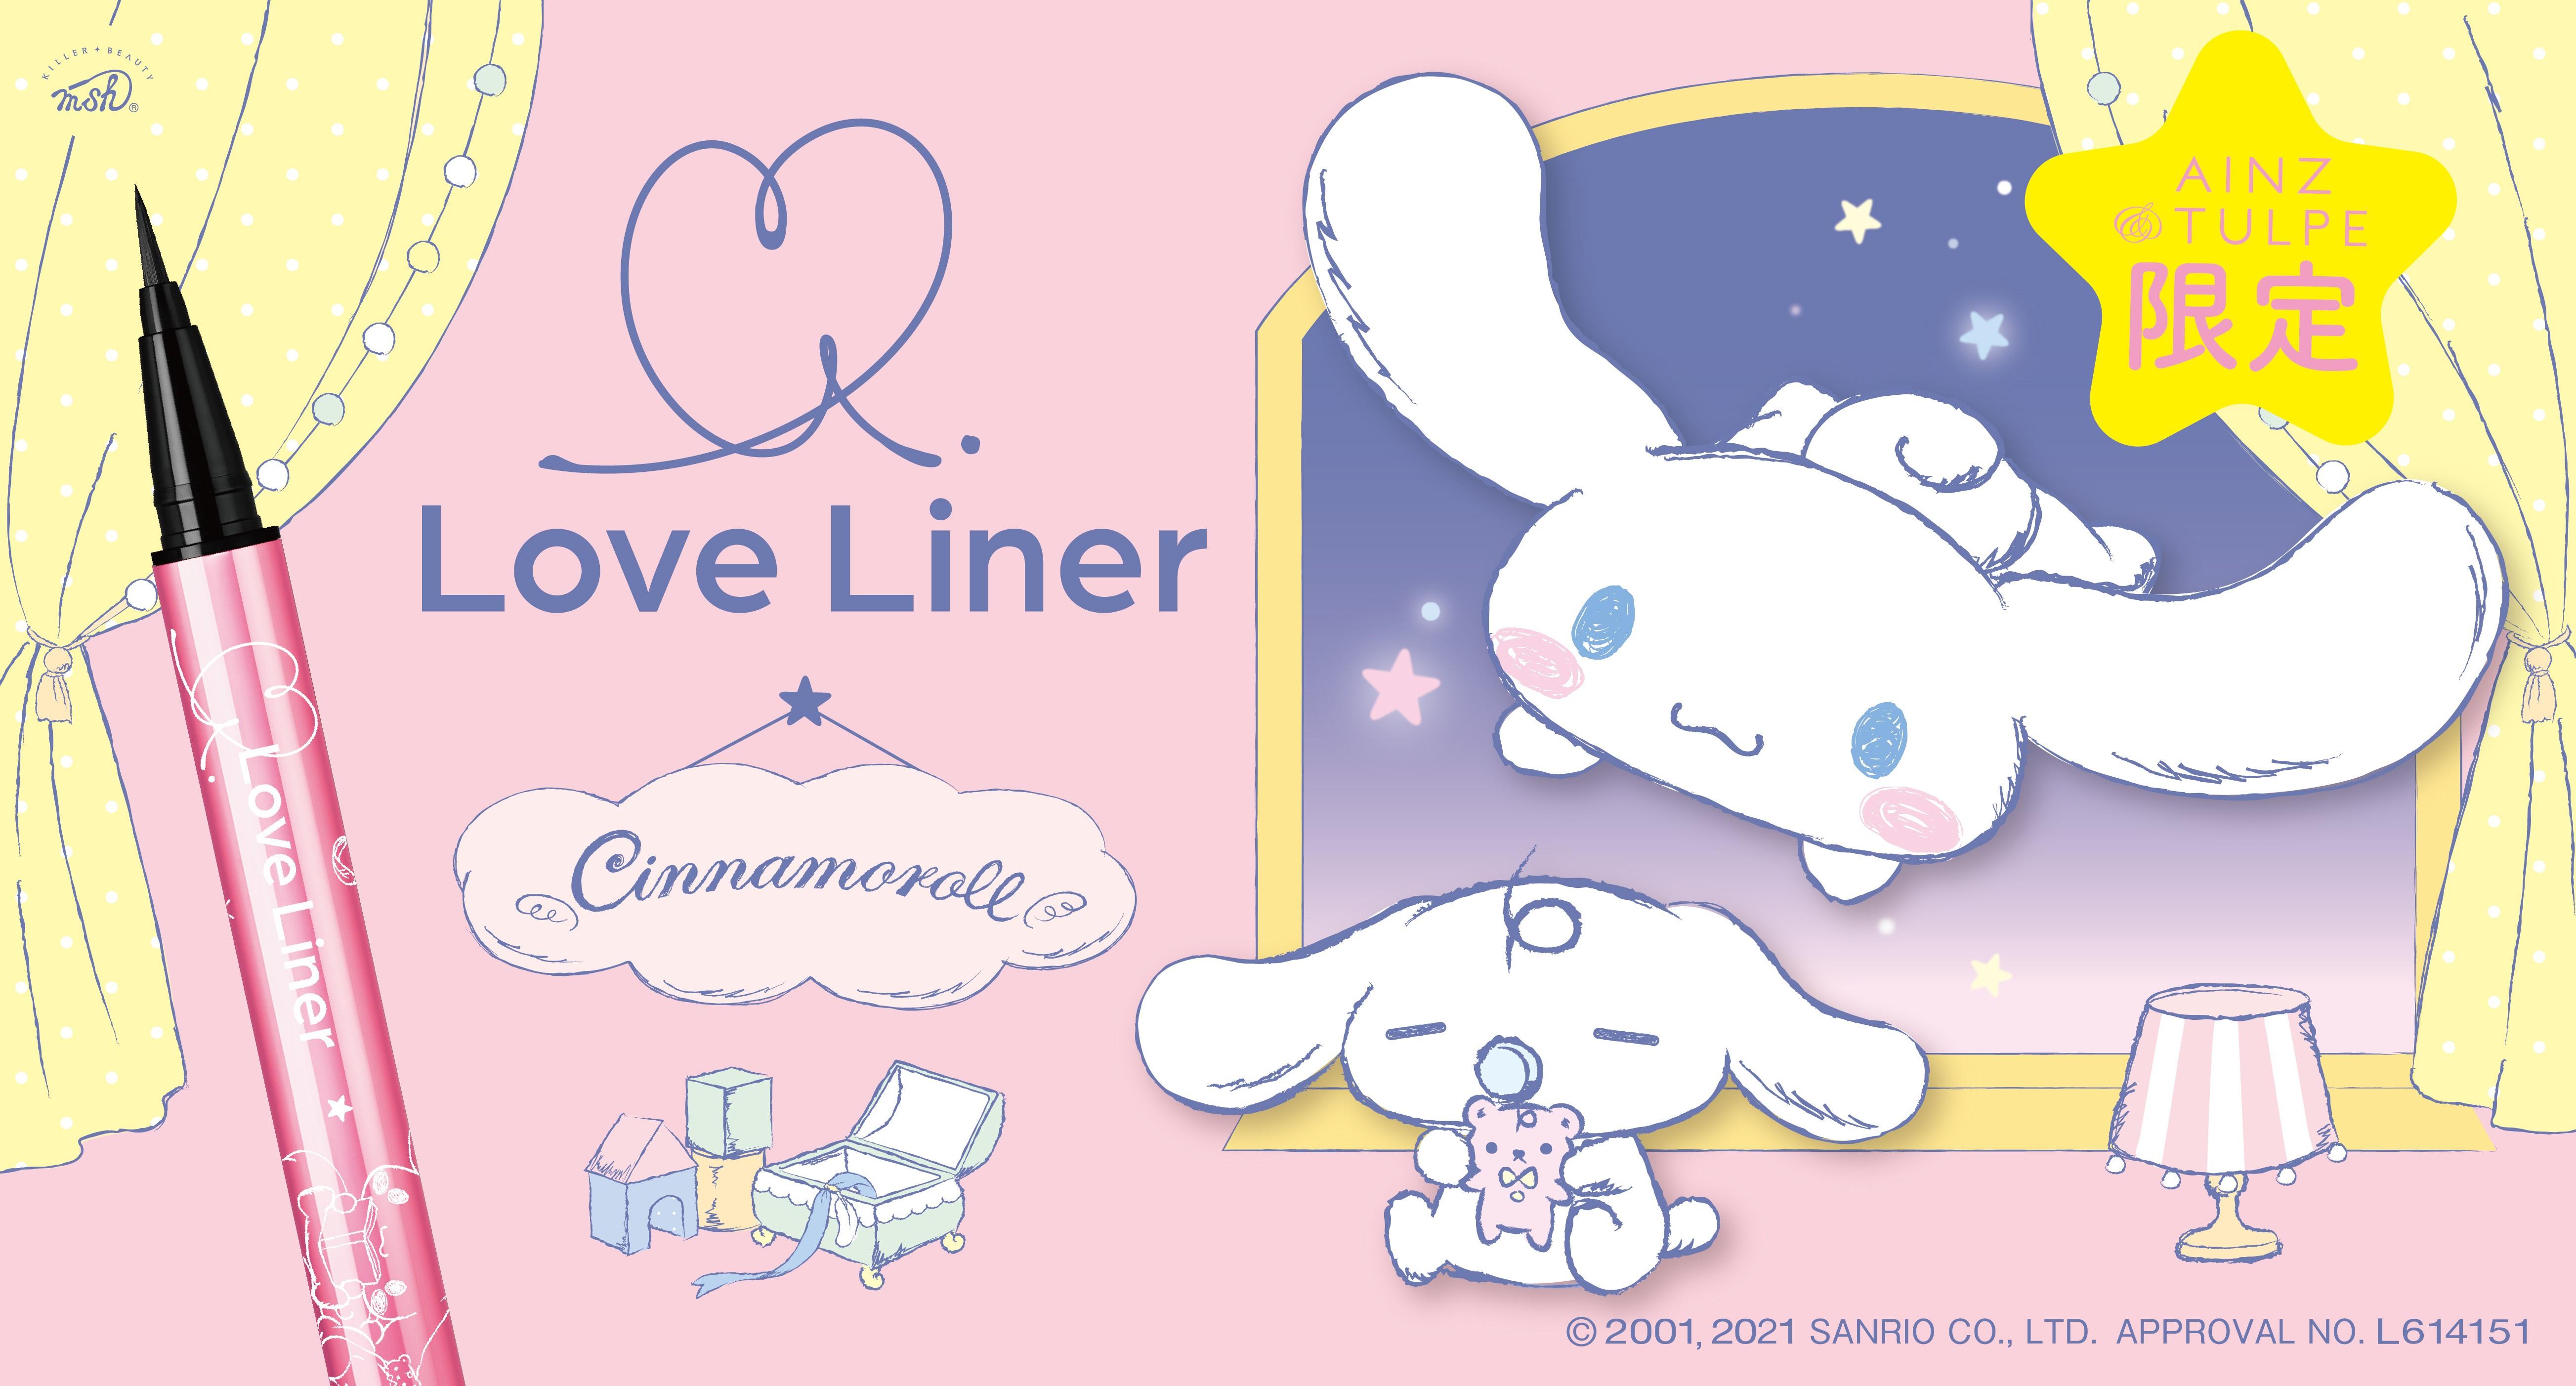 ラブ・ライナー×シナモロール loveliner×Cinnamonroll